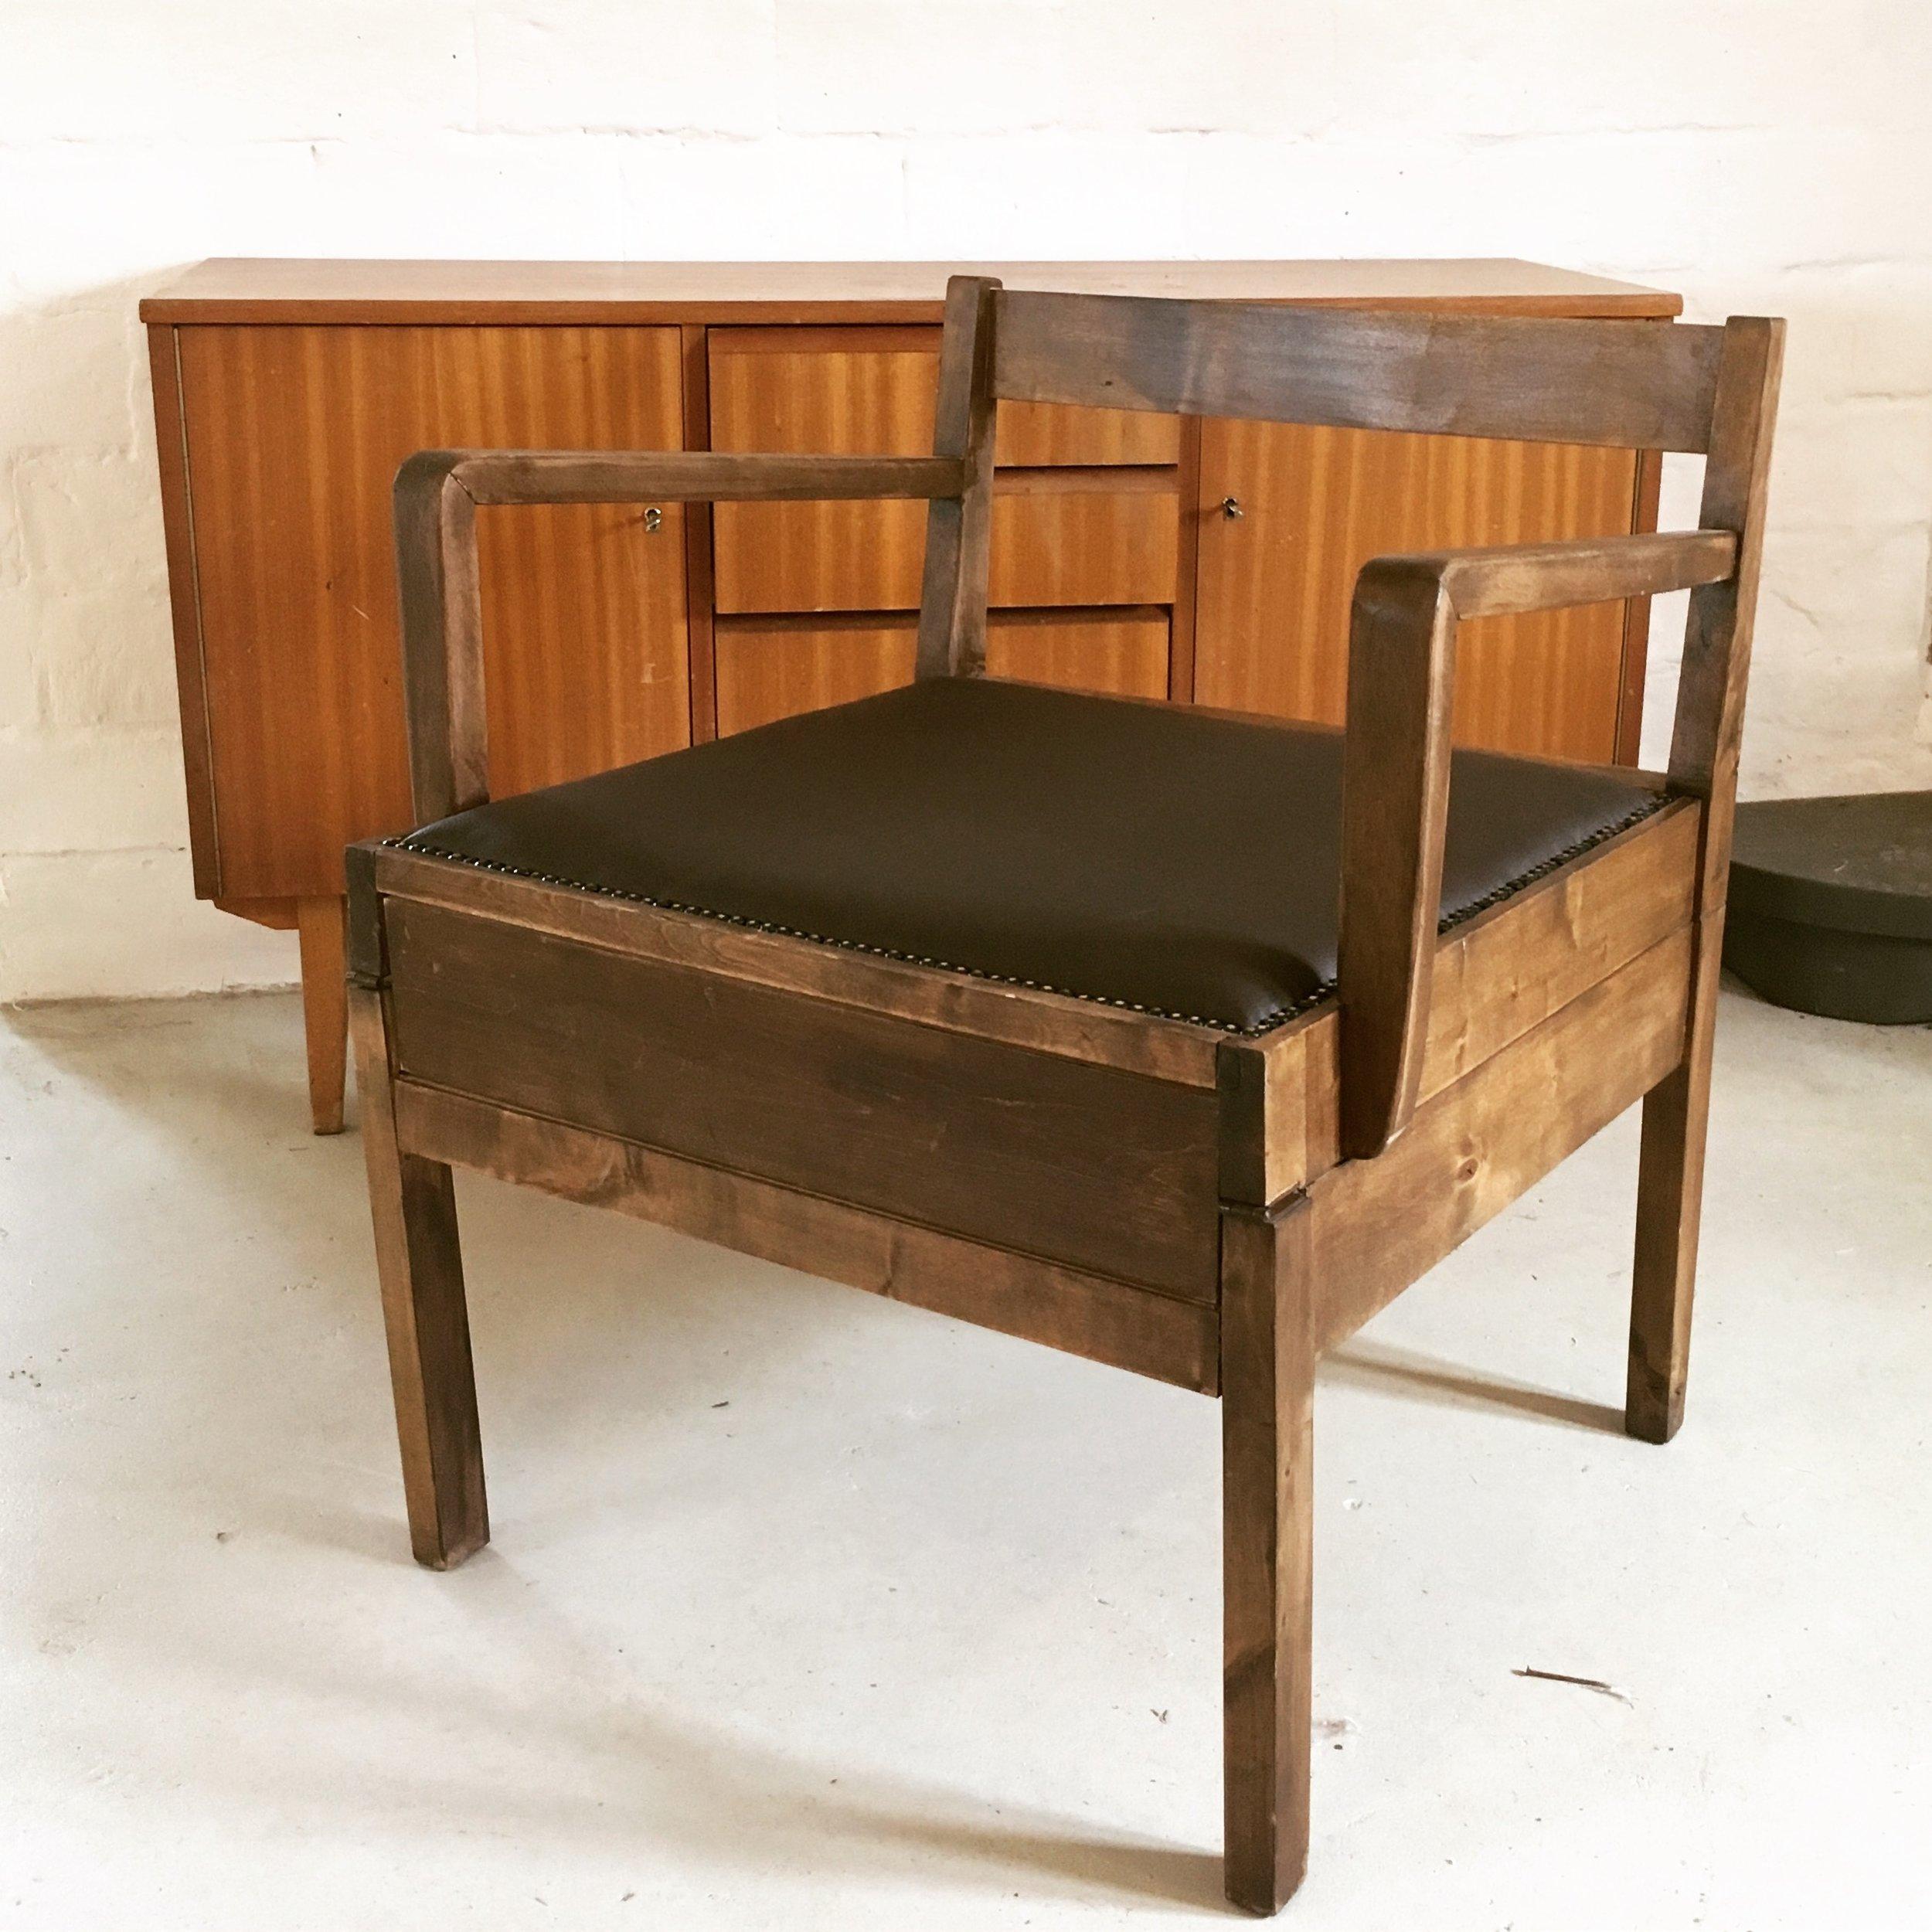 Vuoteeksi kääntyvä tuoli